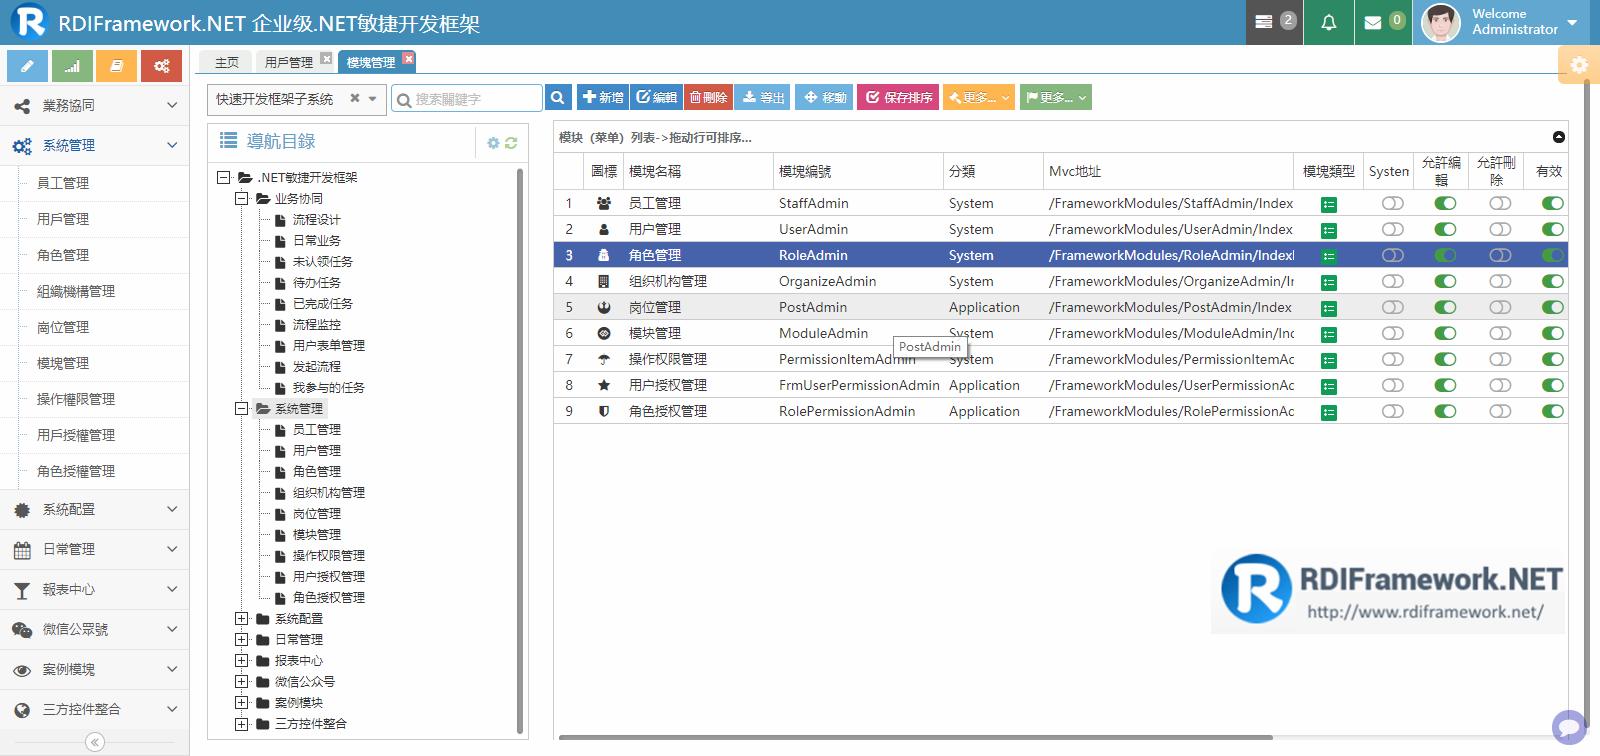 繁体中文主界面-模块管理